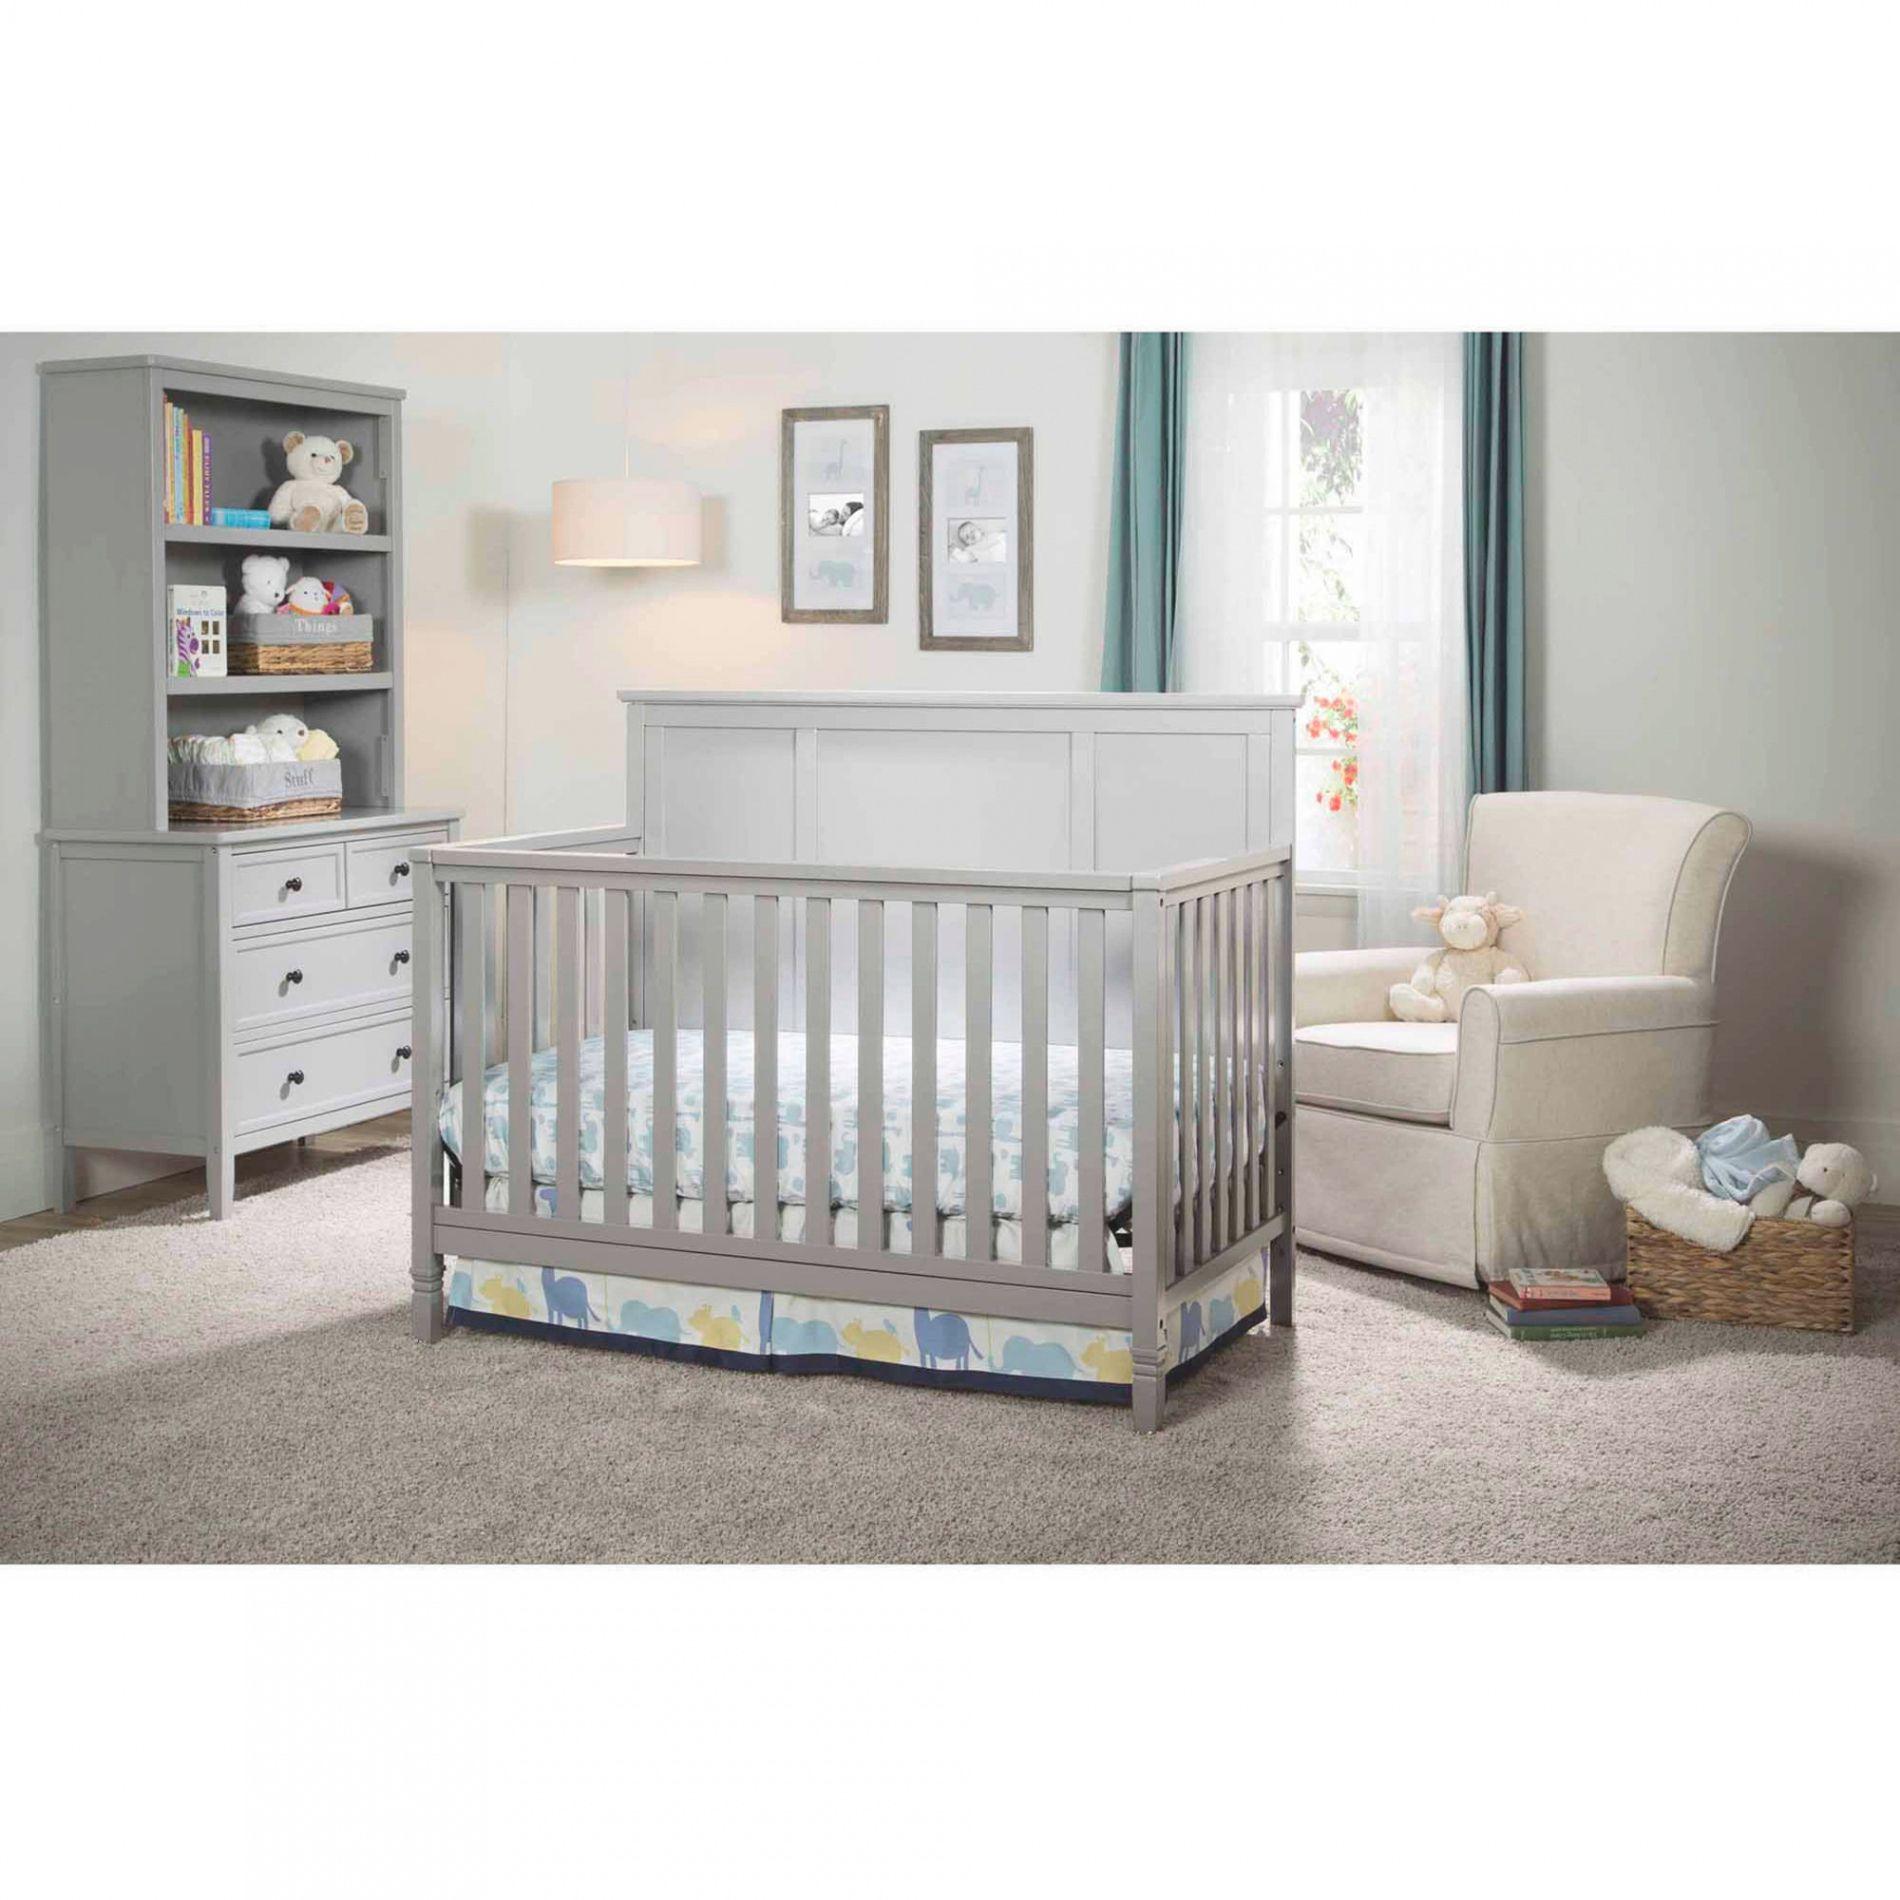 Baby Cribs In Walmart 506 Dengan Gambar